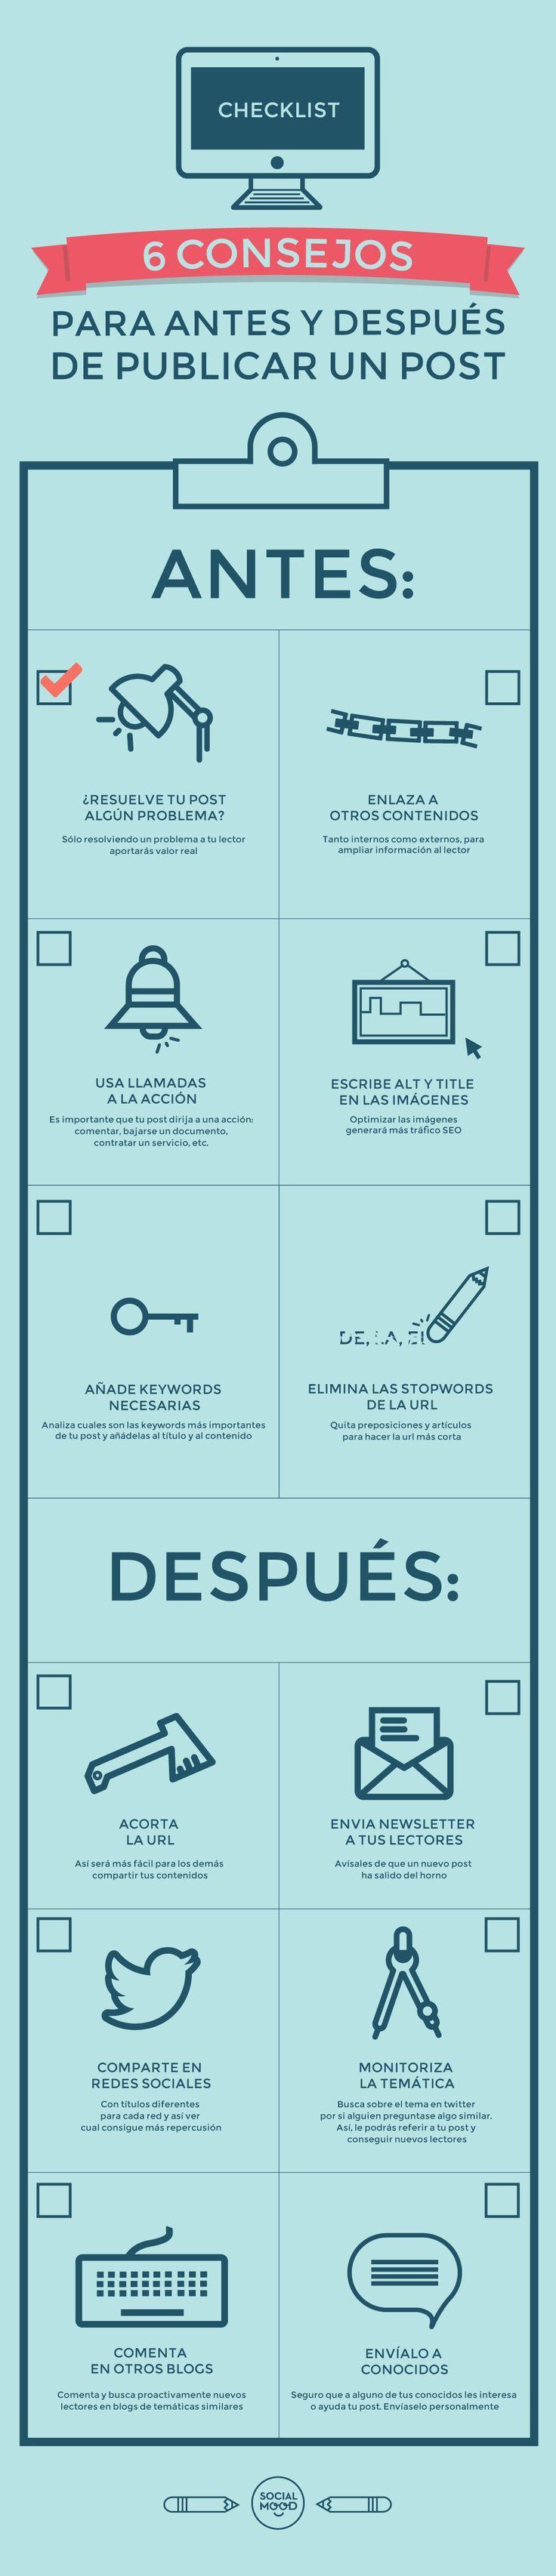 12 Consejos para publicar un post. #Blog #SocialMedia #Infografia